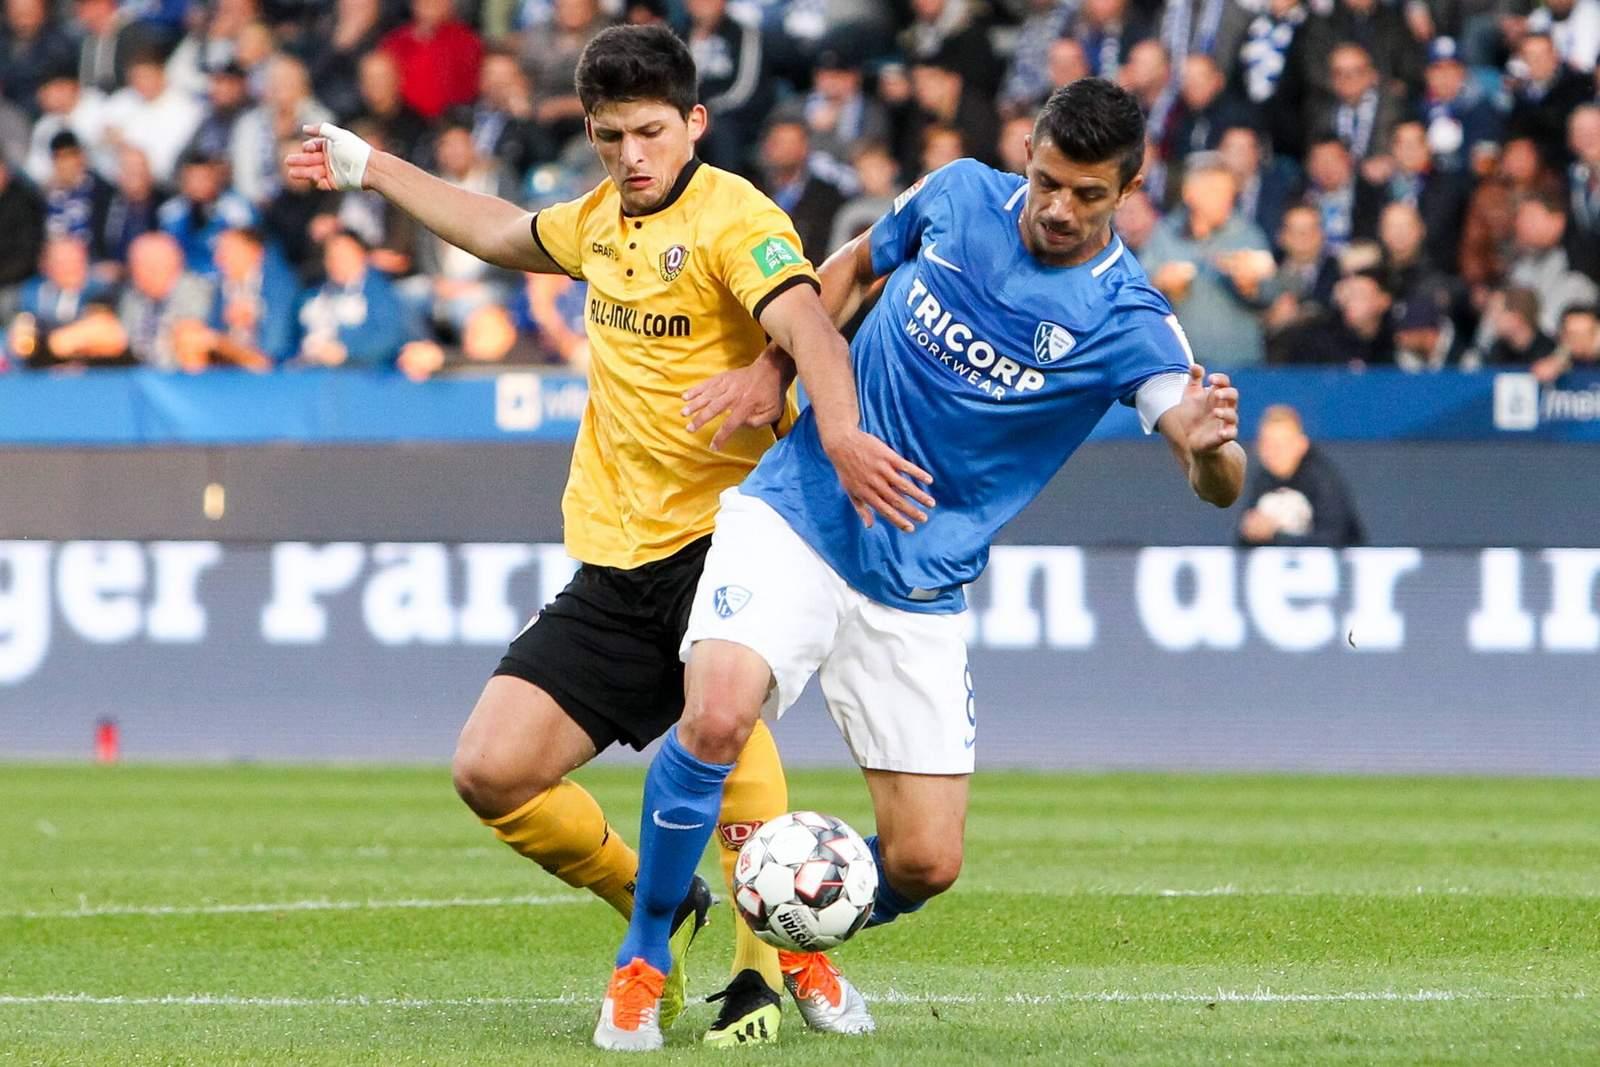 Anthony Losilla vom VfL Bochum gegen Jannis Nikolaou von Dynamo Dresden